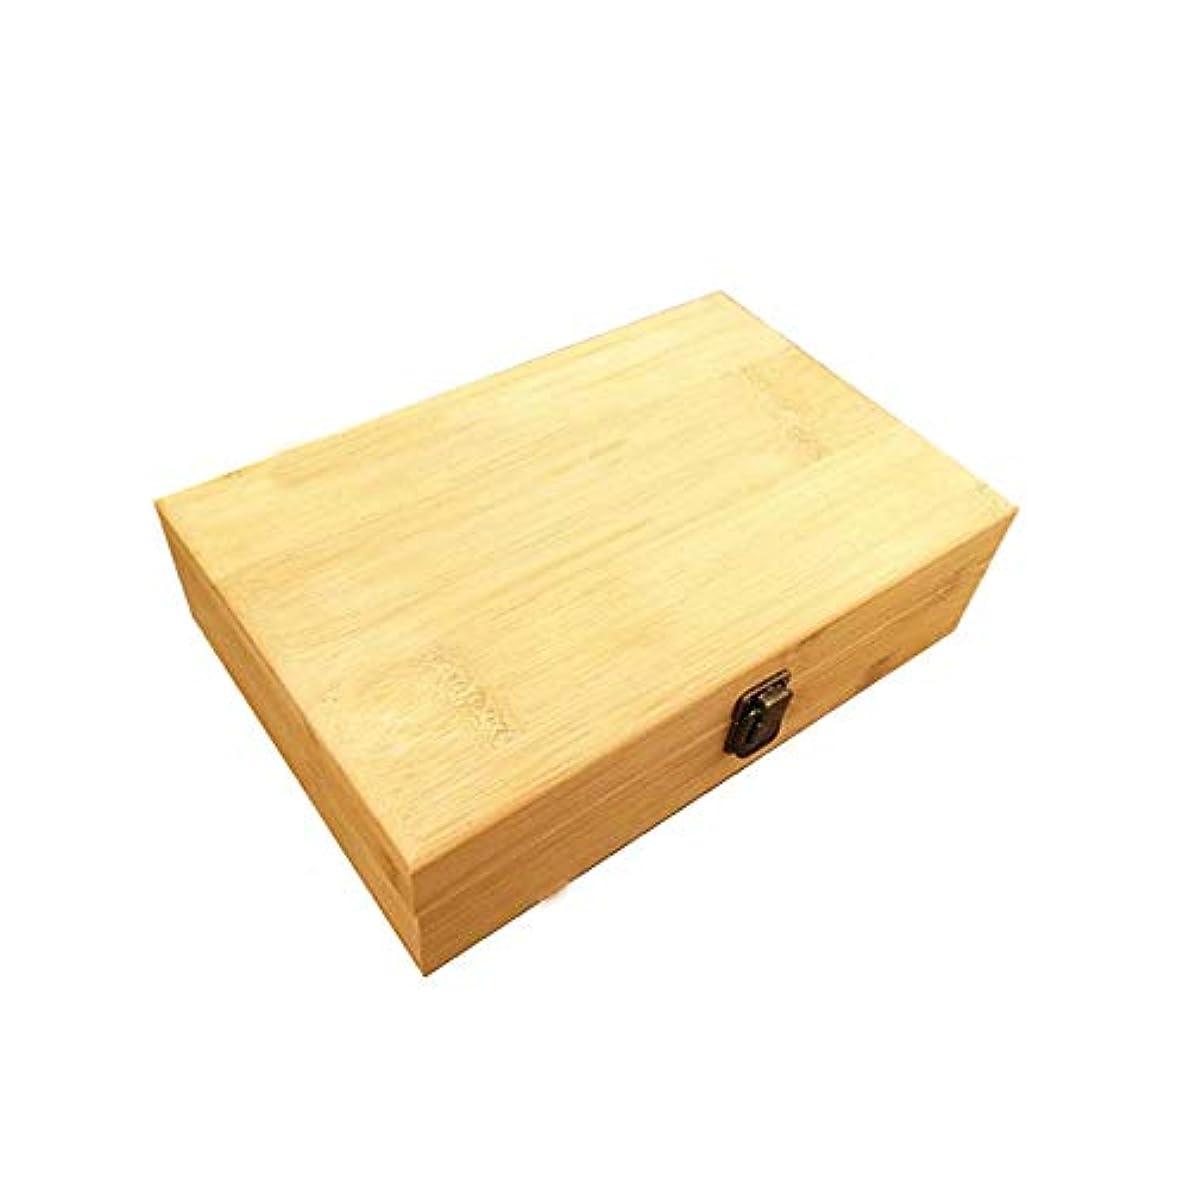 カートンヒューズ浮くエッセンシャルオイルストレージボックス 40スロットエッセンシャルオイルボックス木製収納ケースは、40本のボトルエッセンシャルオイルスペースセーバーの開催します 旅行およびプレゼンテーション用 (色 : Natural, サイズ : 29X18.5X8CM)